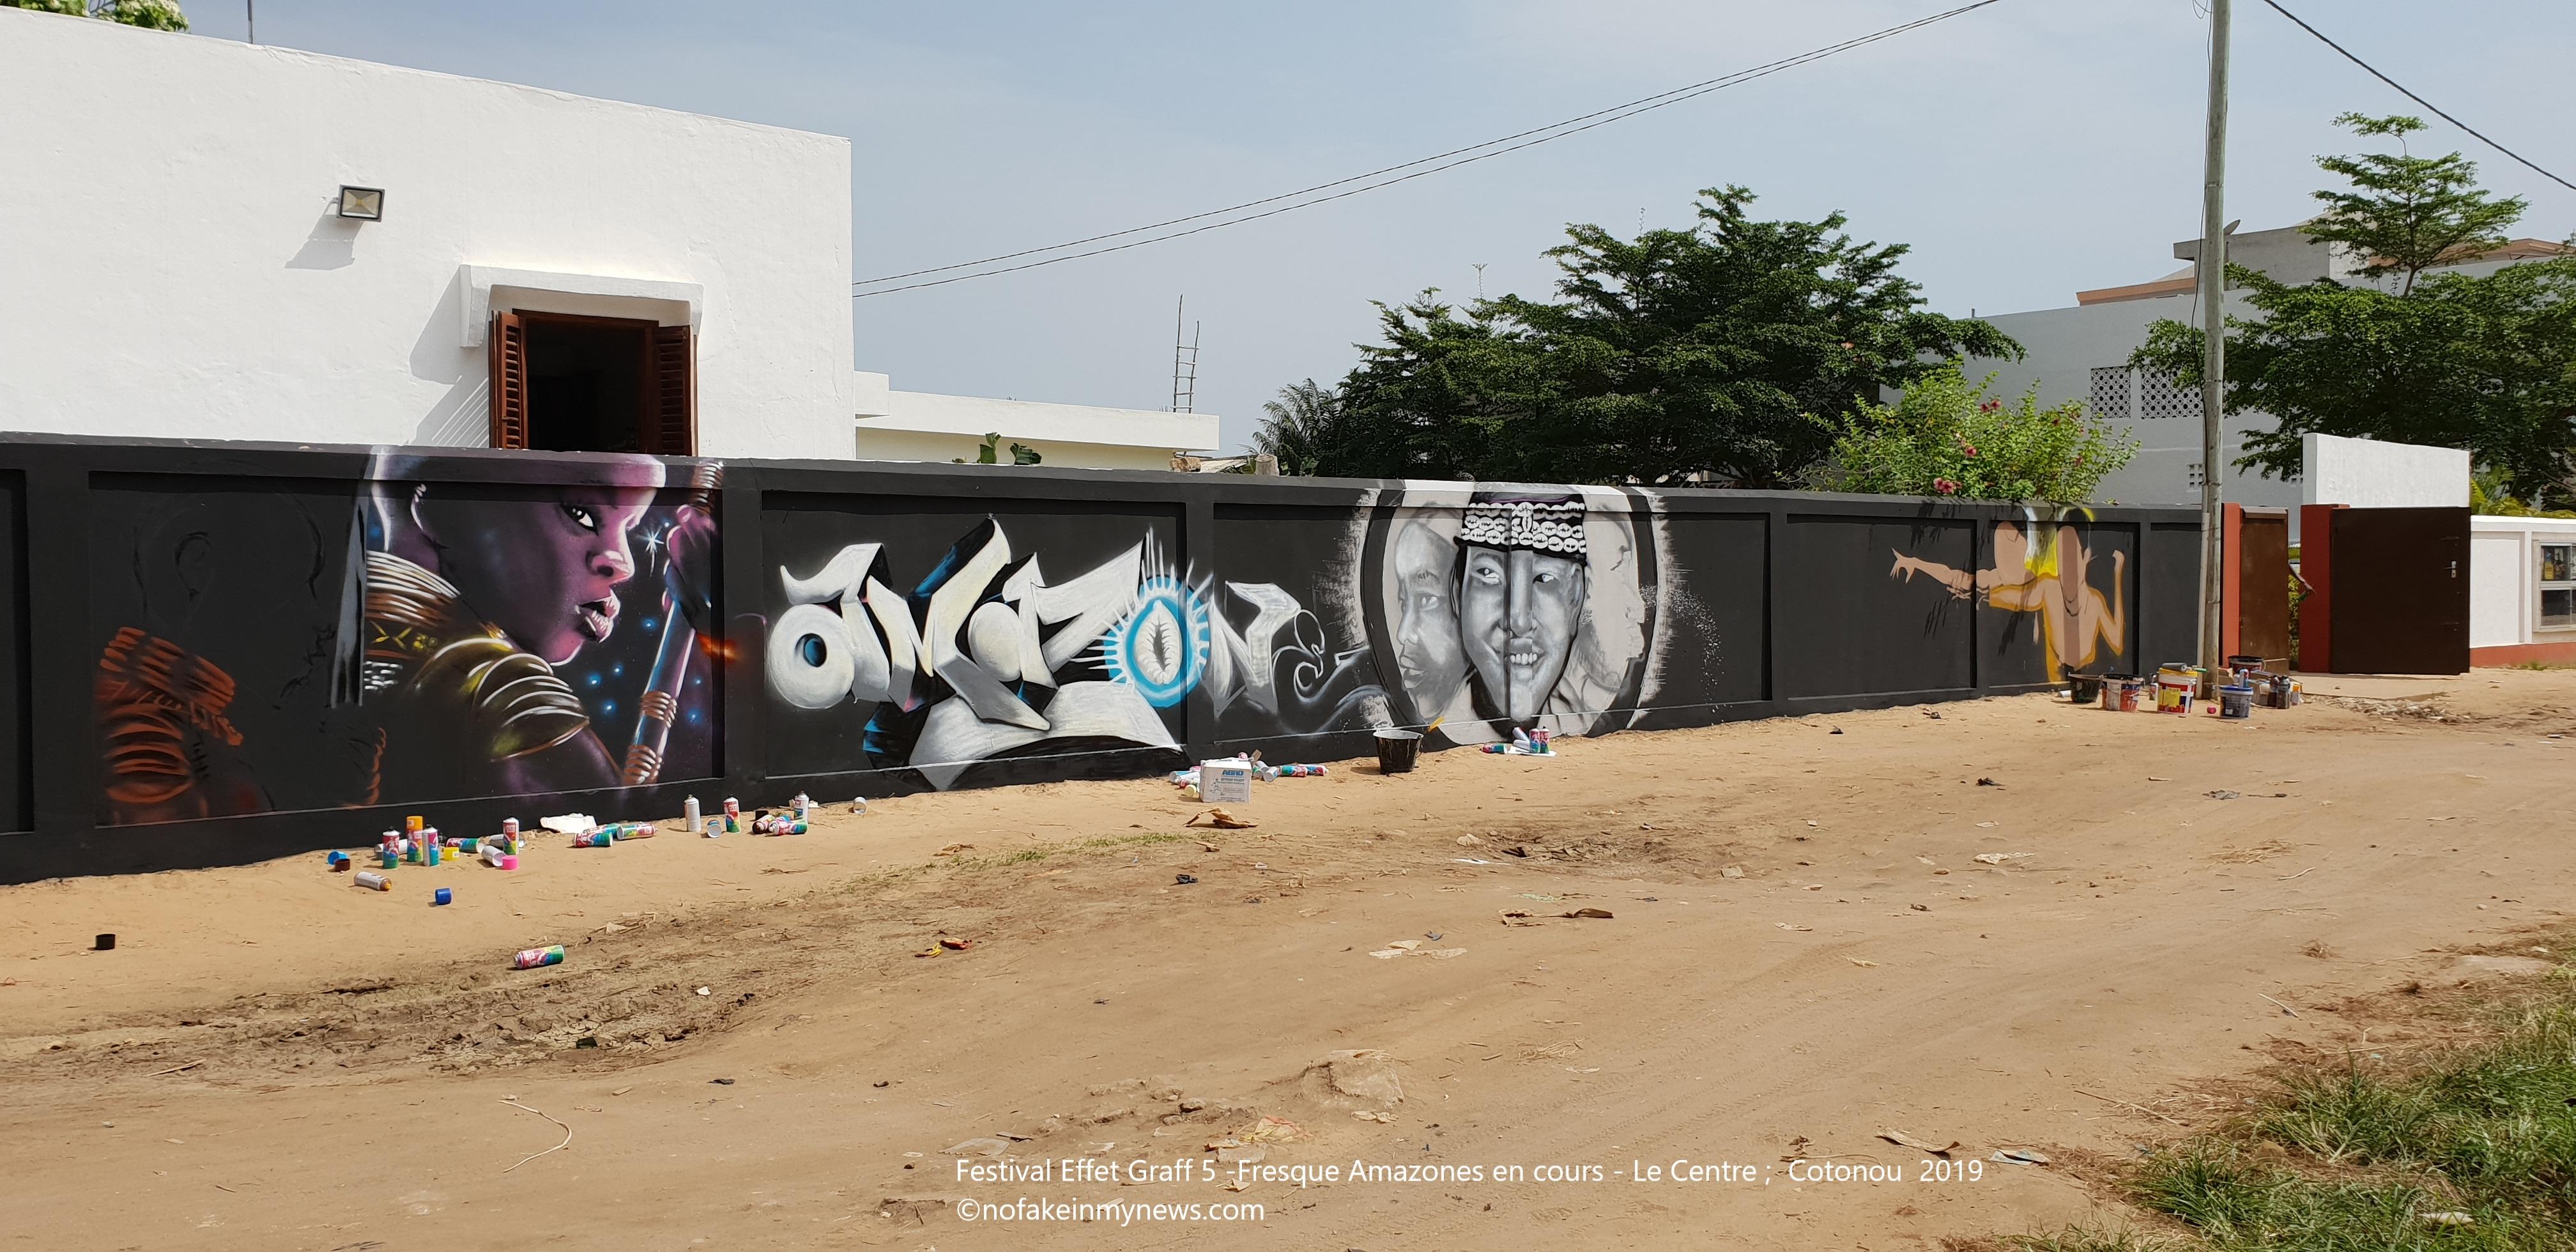 Festival Effet Graff 5 -Fresque Amazones en cours - Le Centre Cotonou 2019 - ©nofakeinmynews